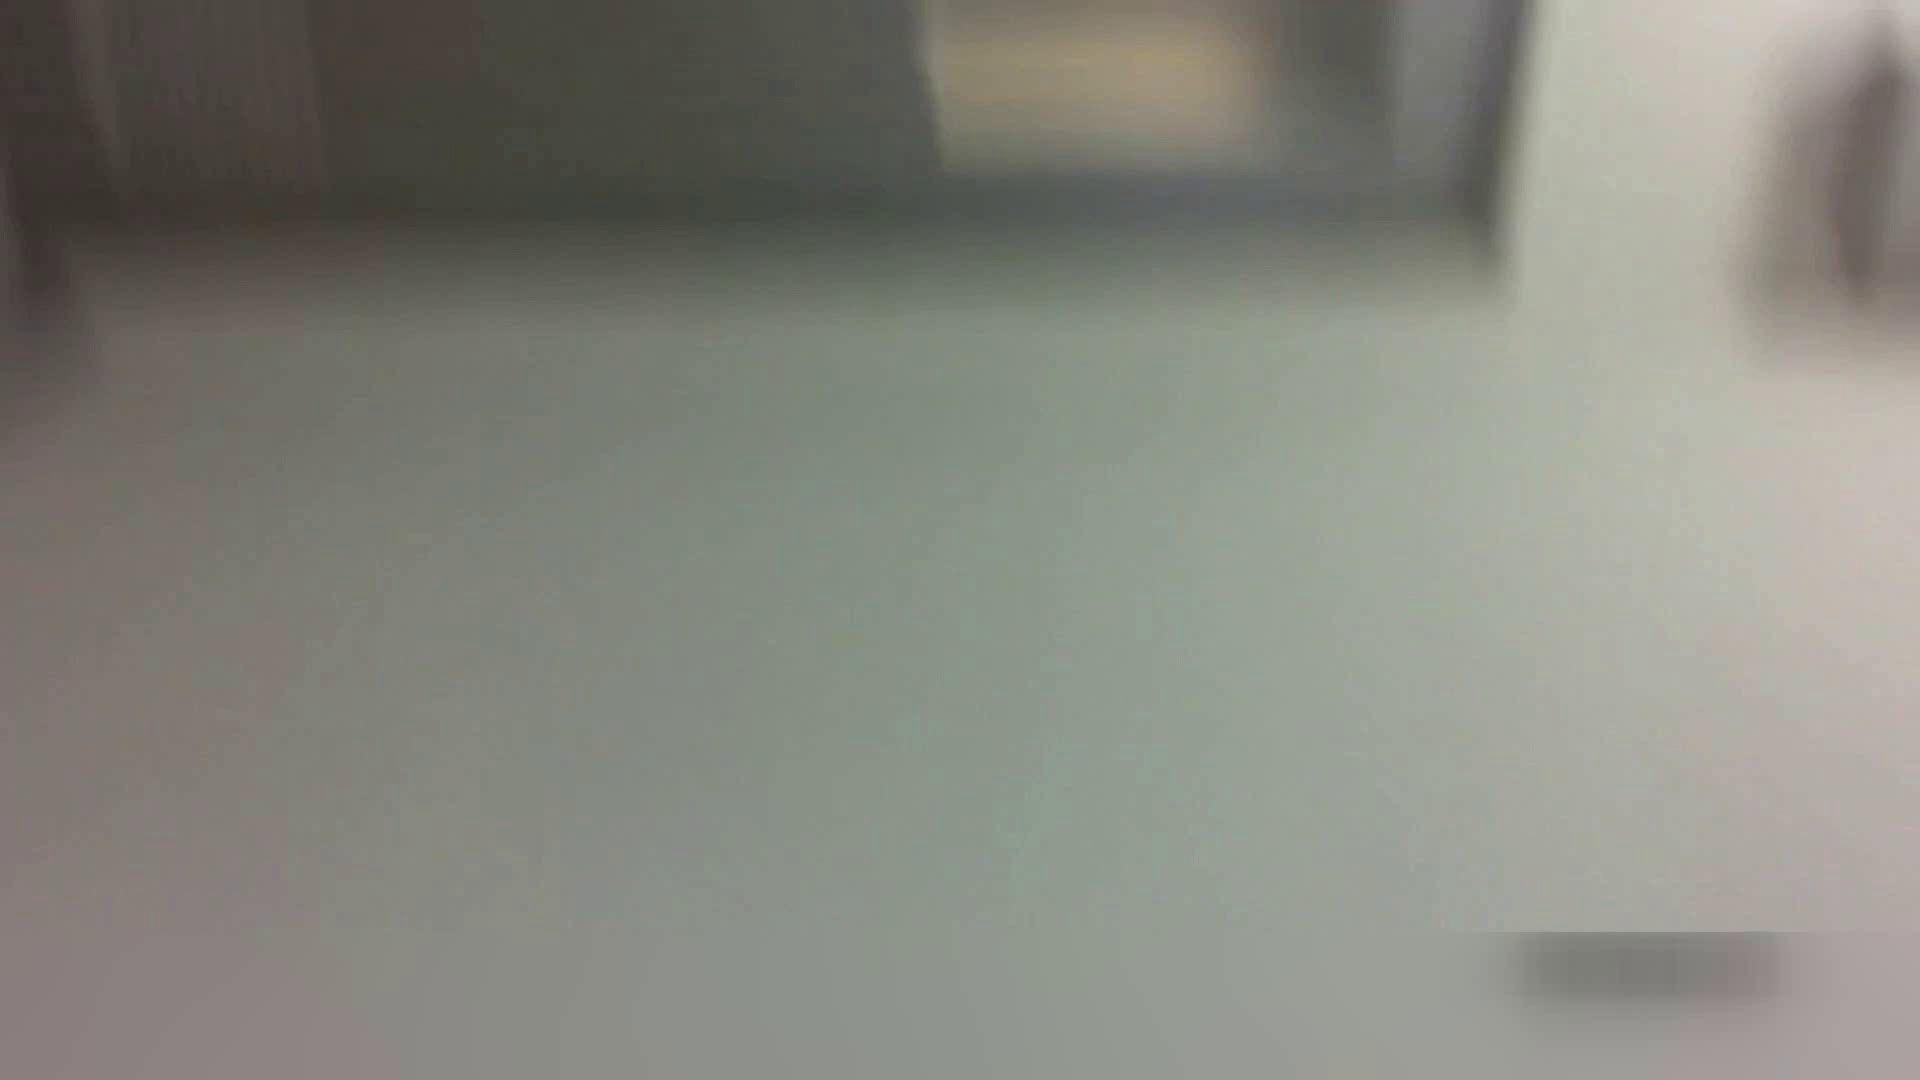 お姉さんの恥便所盗撮! Vol.24 リアル便所潜入 セックス無修正動画無料 67画像 44